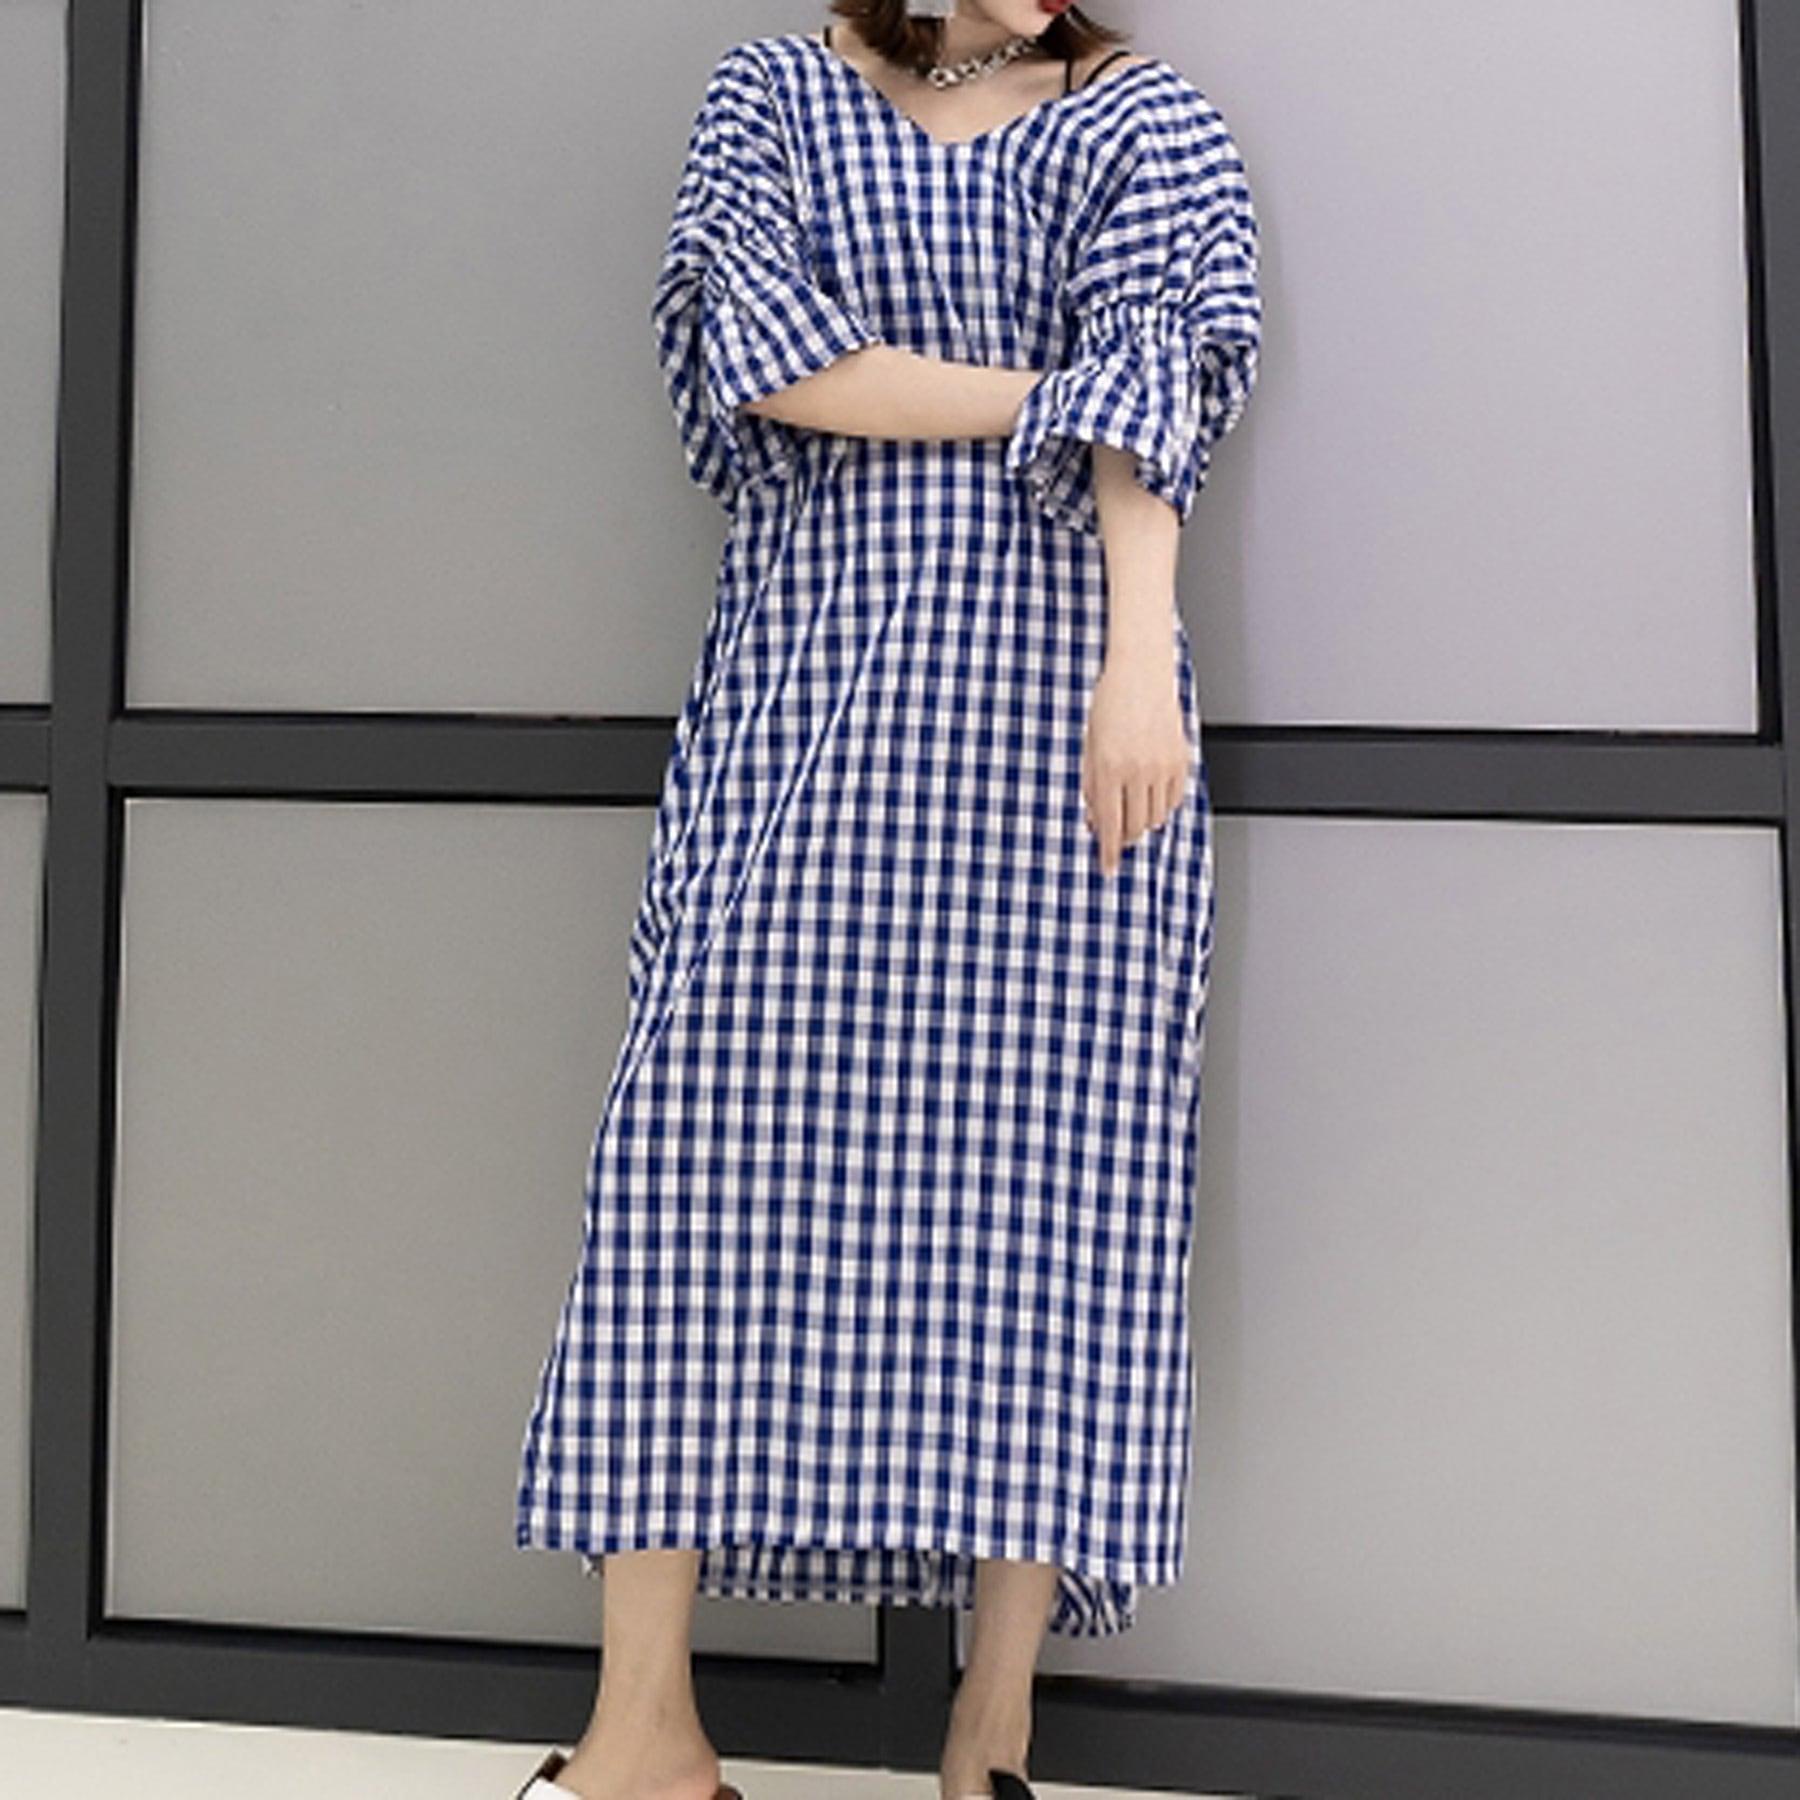 デザインドレス ギンガムチェック(ブルー・ブラック) Vネック ロング丈 バックギャザー デザインナーブランド セレクトショップ